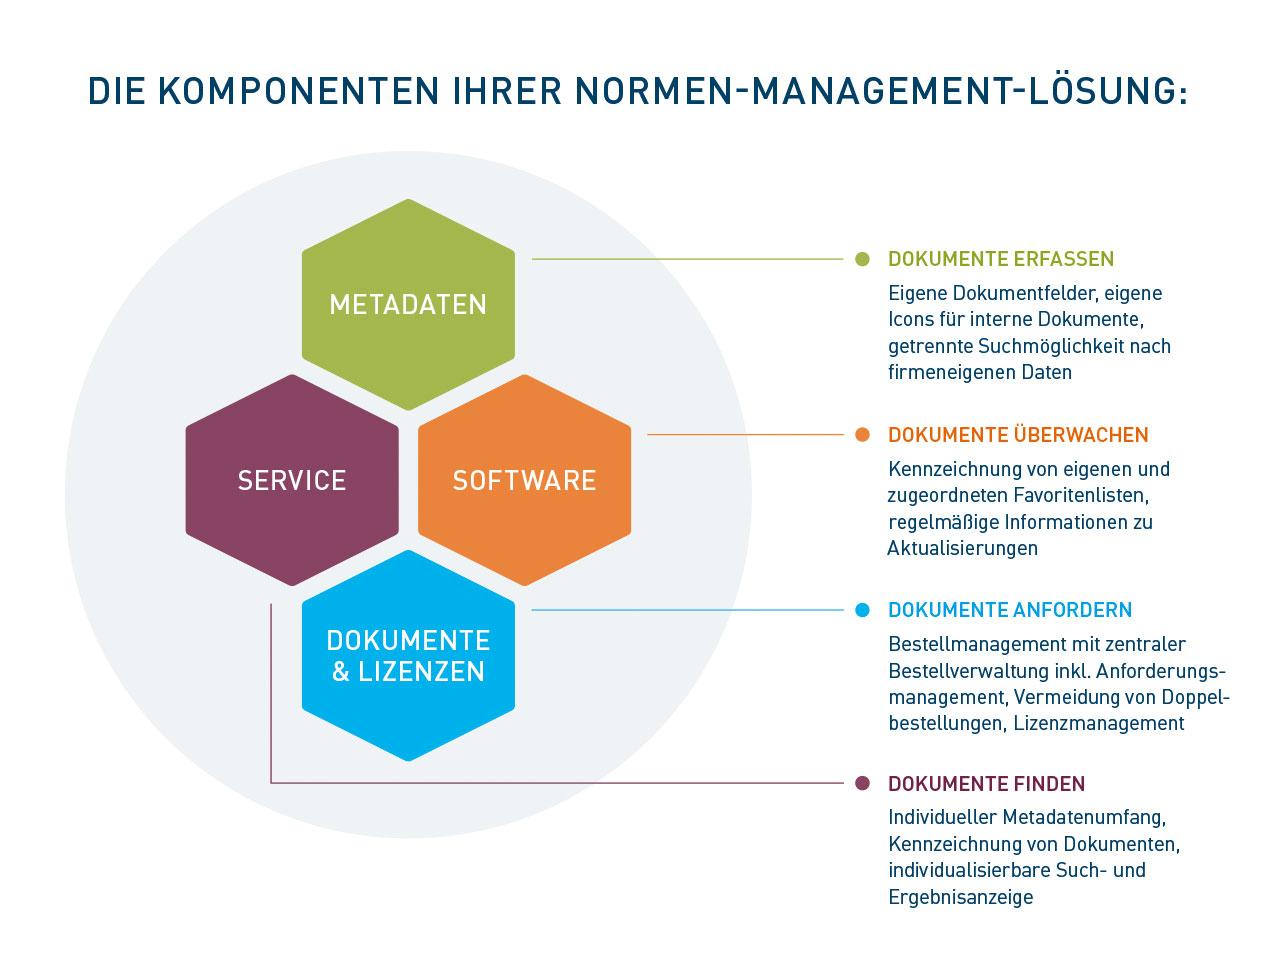 Komponenten einer Normen-Management-Lösung